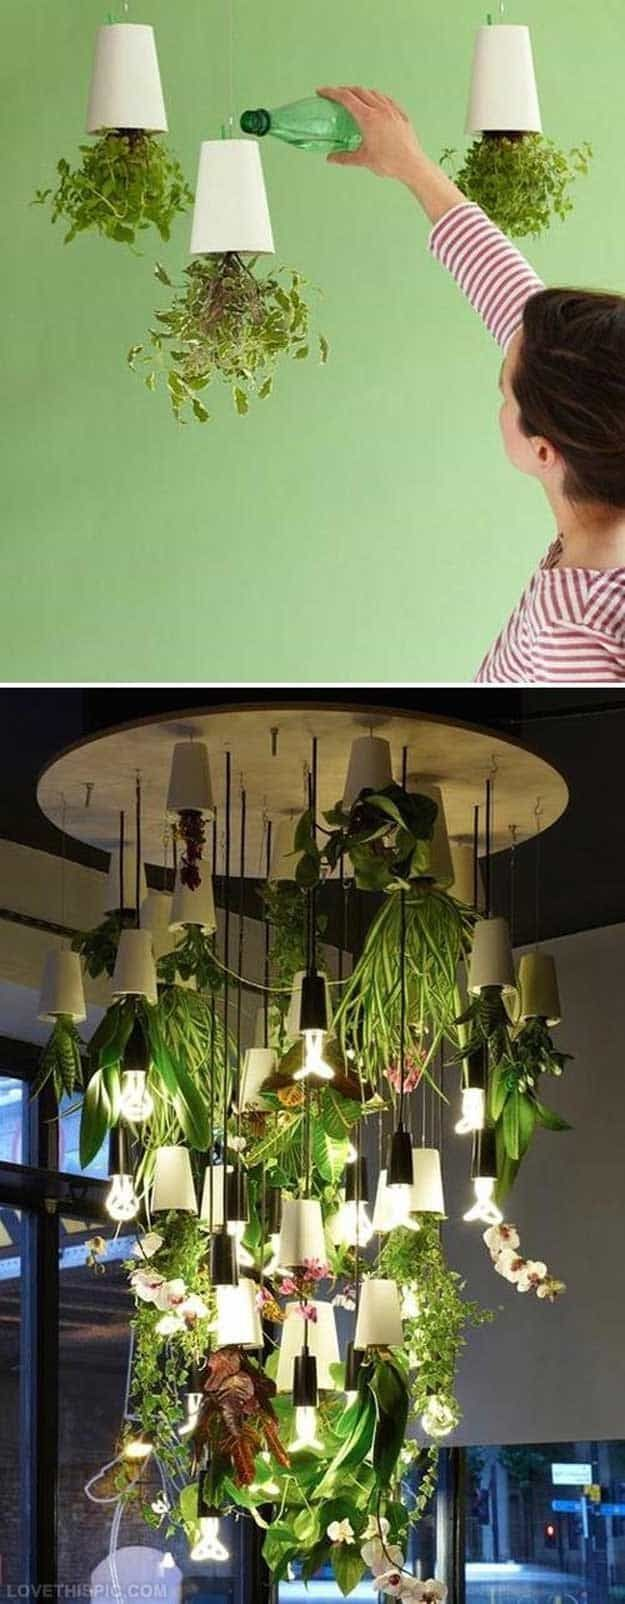 Indoor Garden Ideas 14 diy indoor garden ideas Best 25 Indoor Gardening Ideas On Pinterest